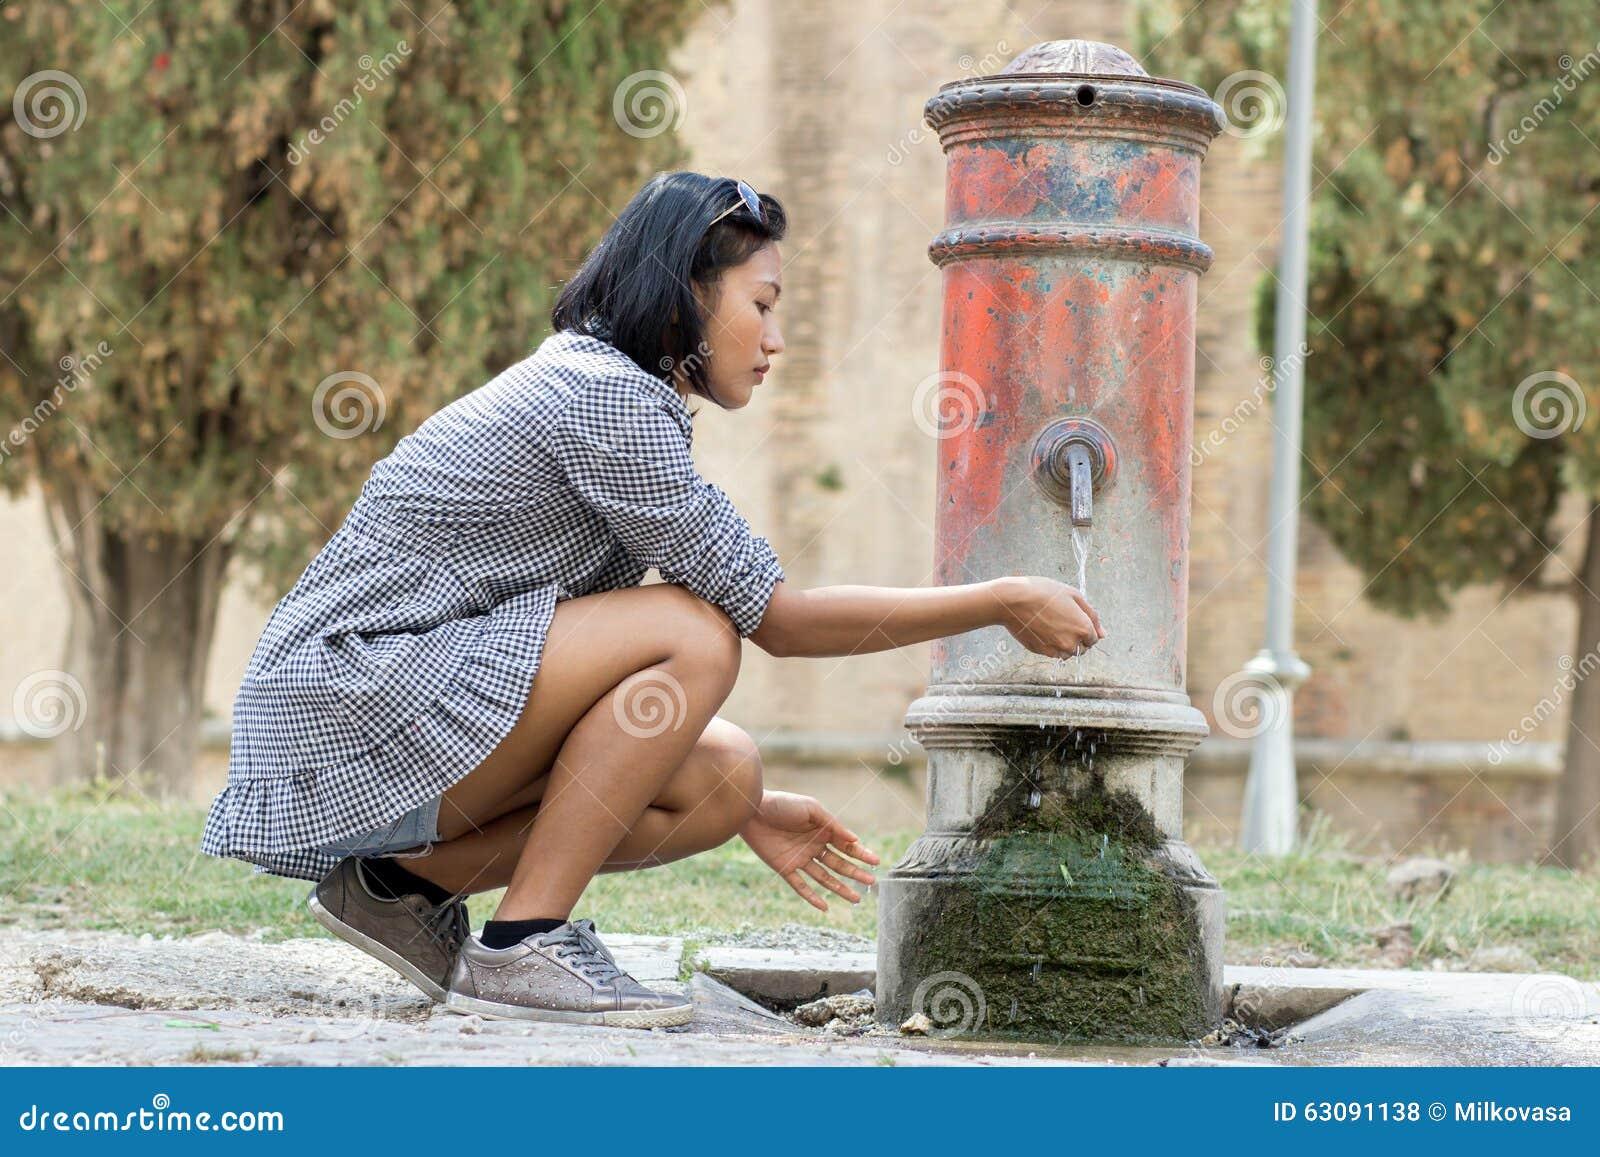 Download La Femme Boit L'eau De L'des Pompes Photo stock - Image du outdoors, public: 63091138